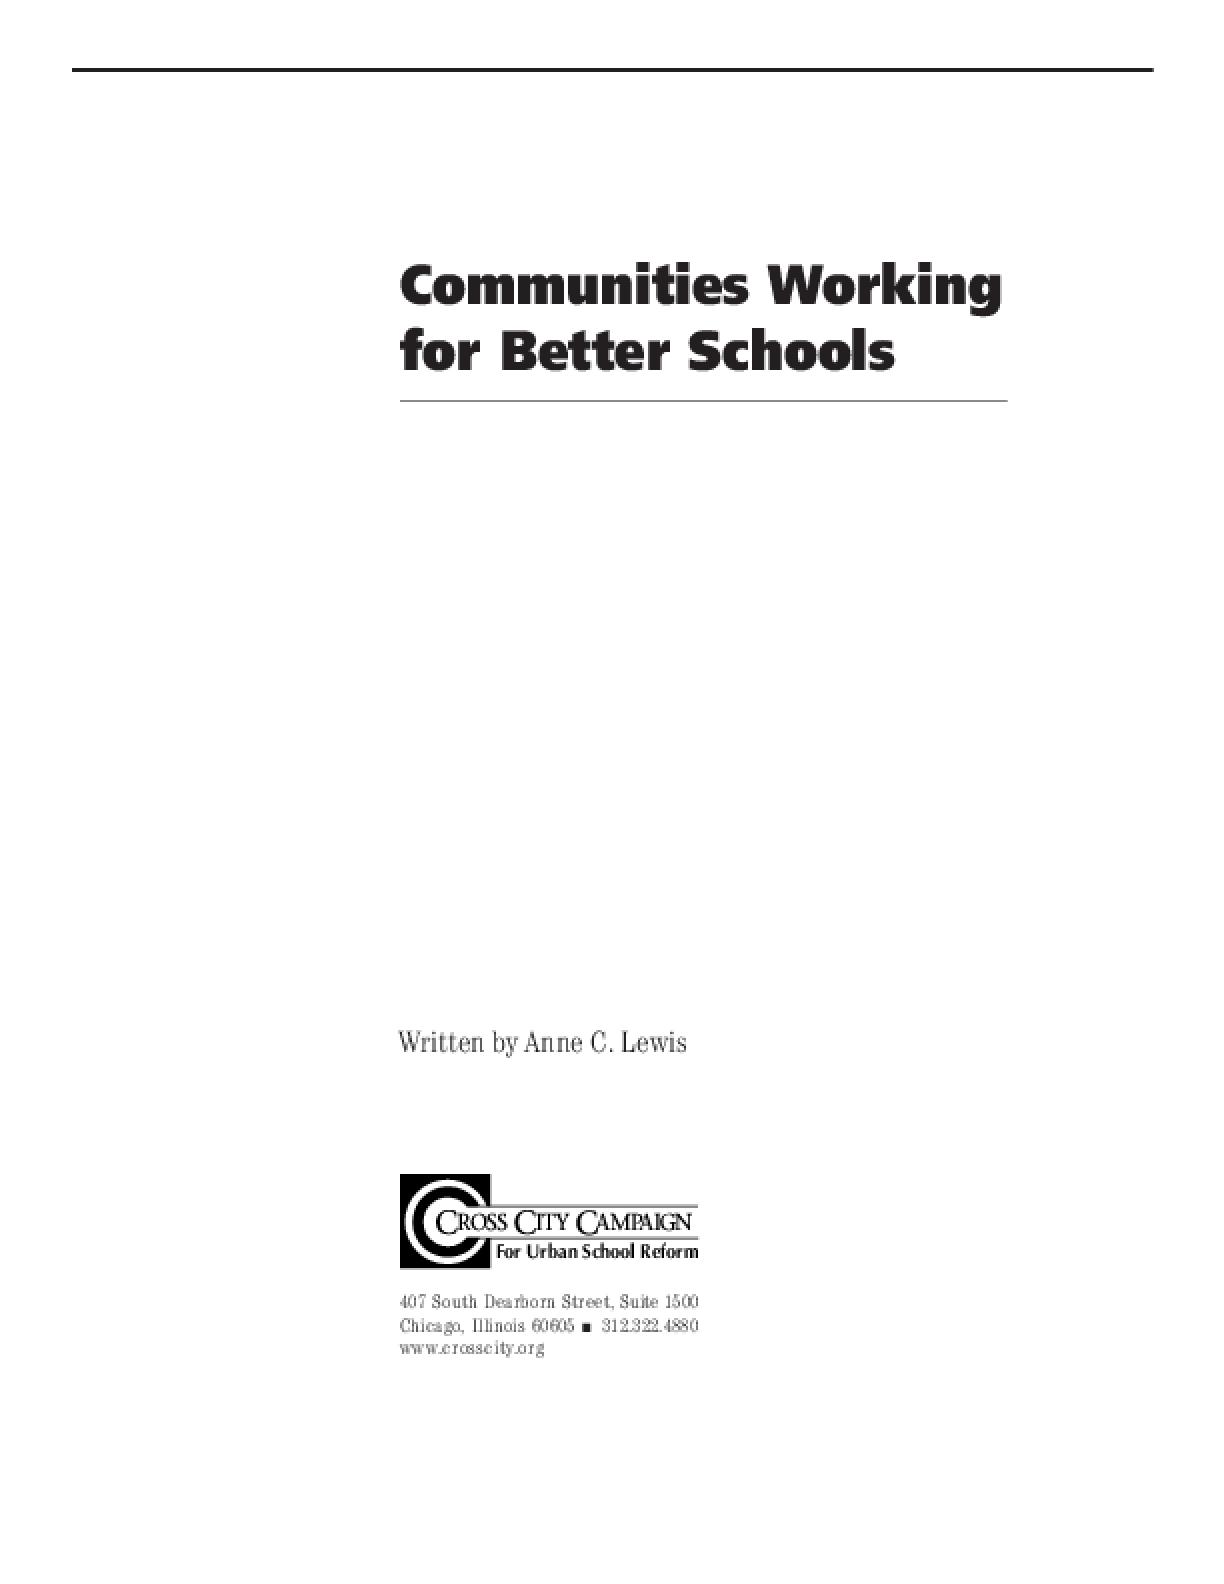 Communities Working for Better Schools